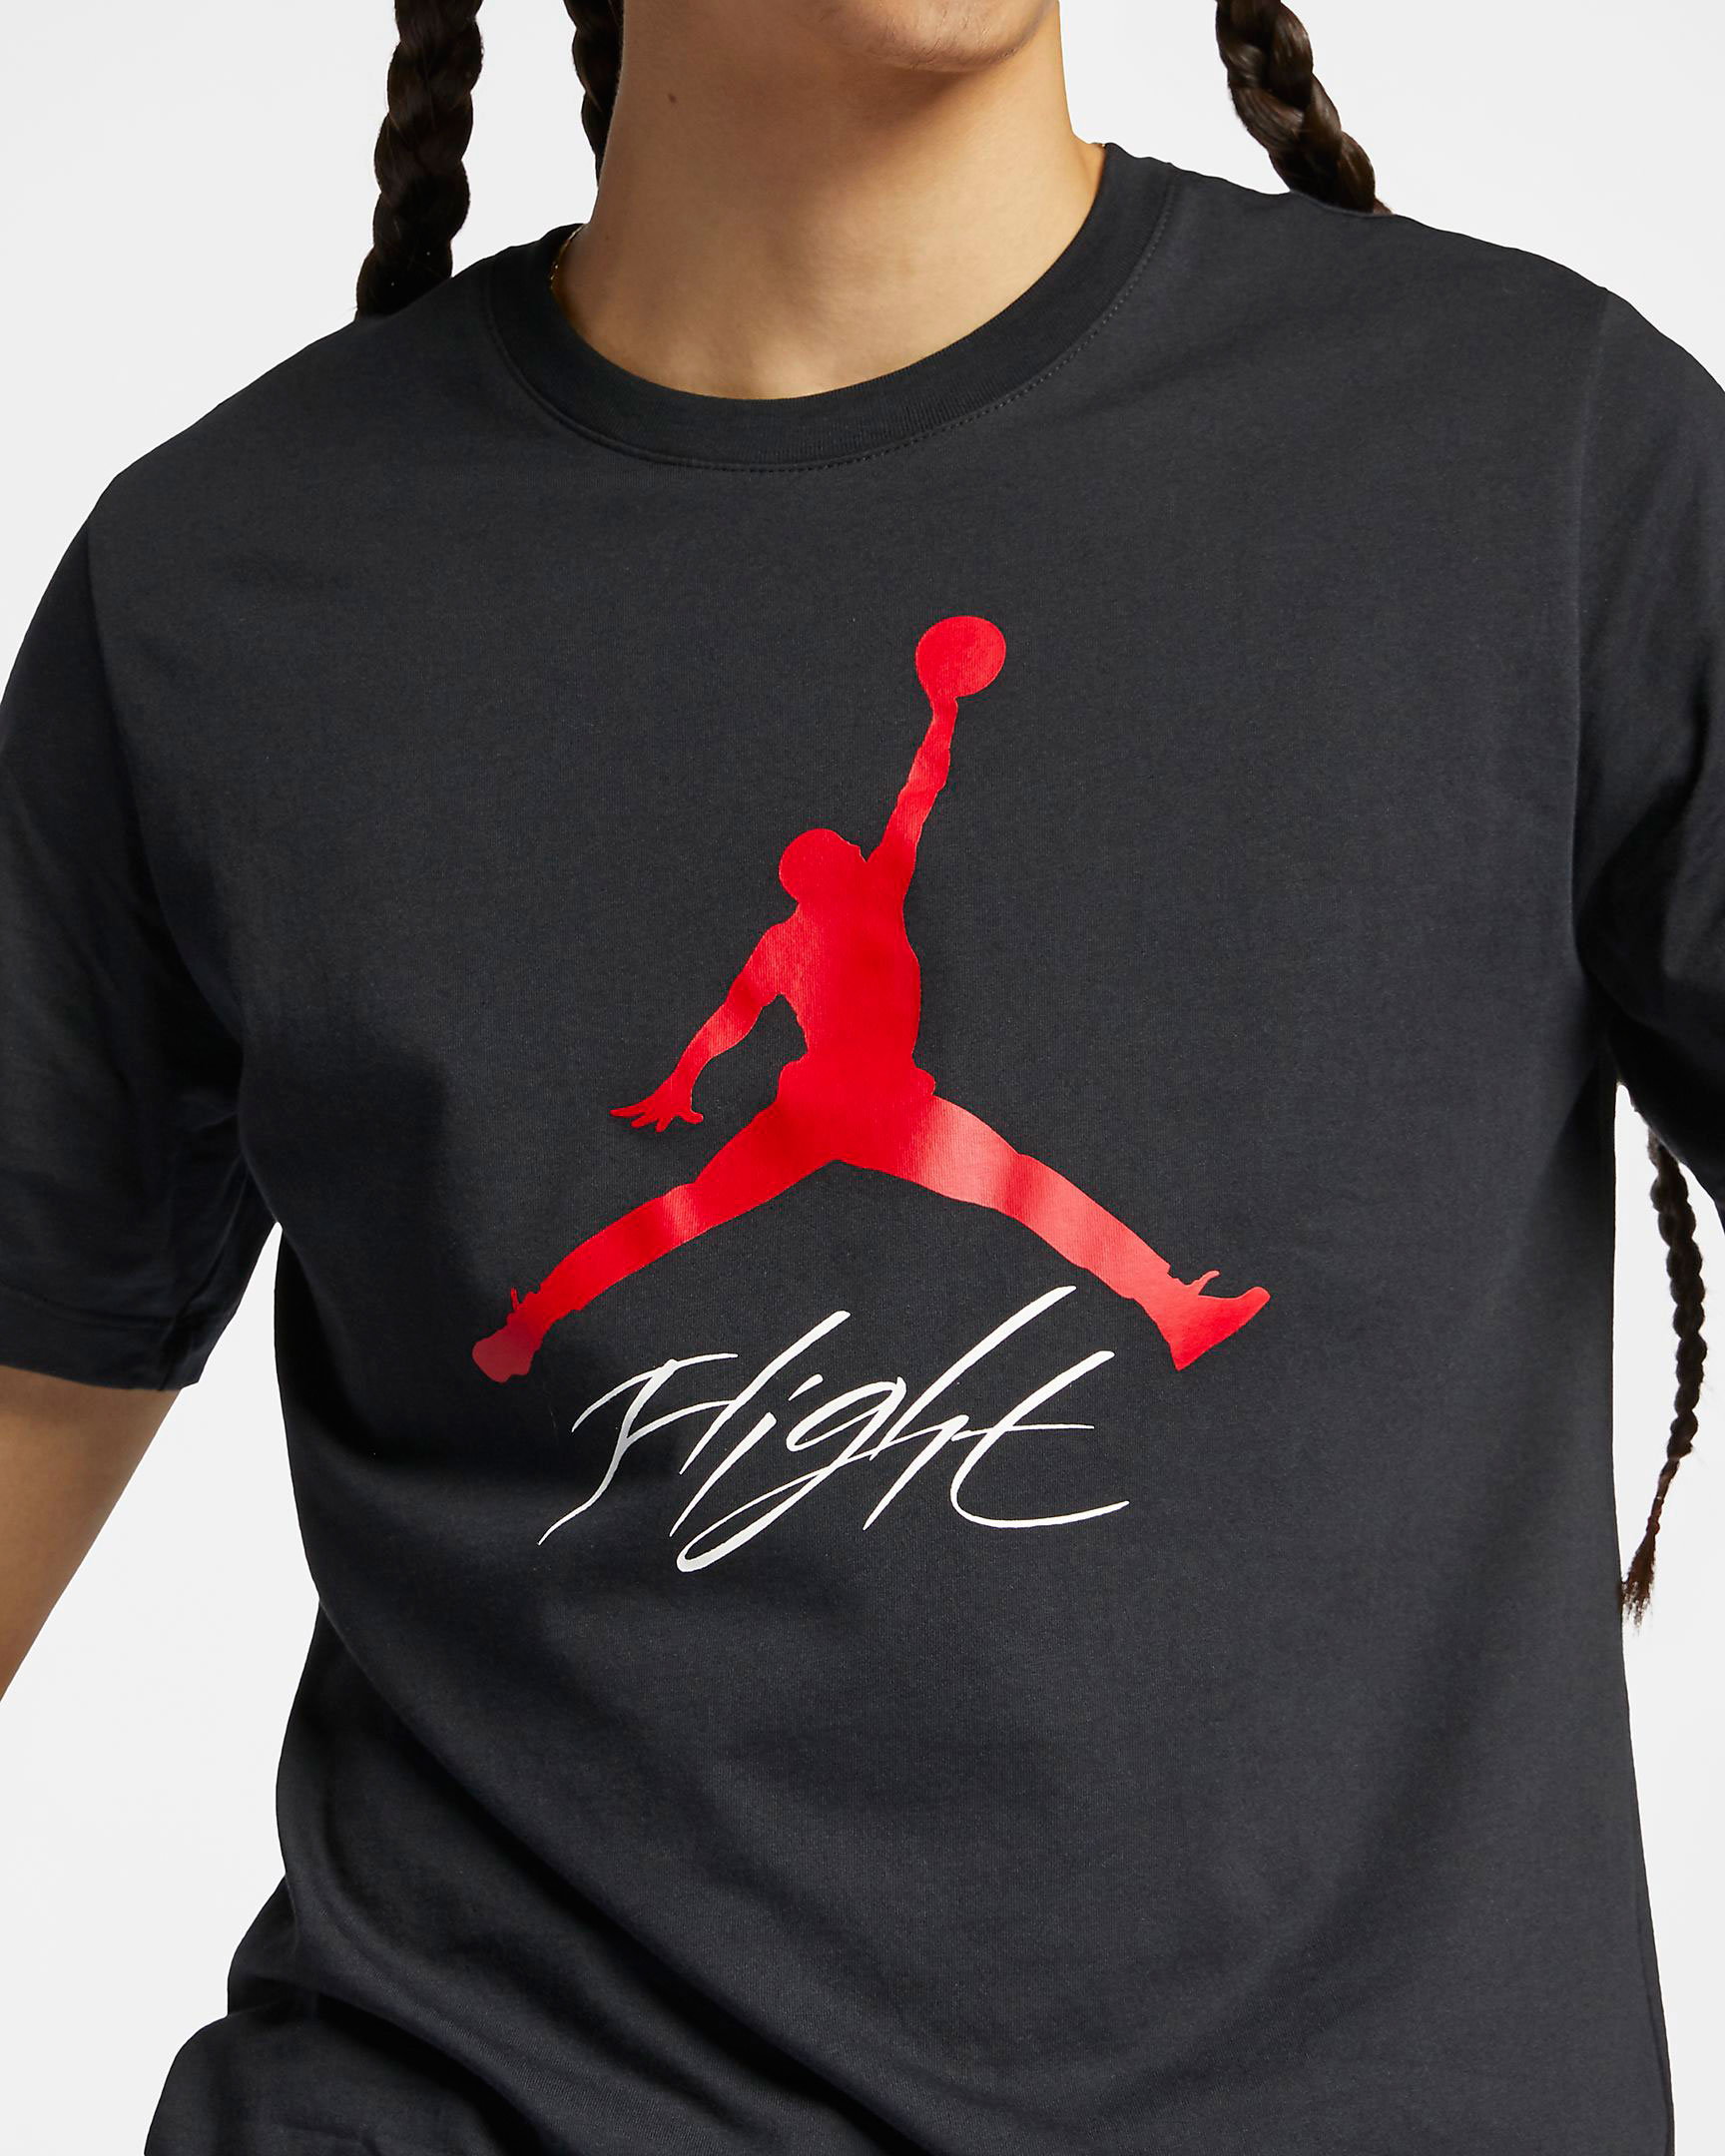 air-jordan-4-bred-2019-t-shirt-1